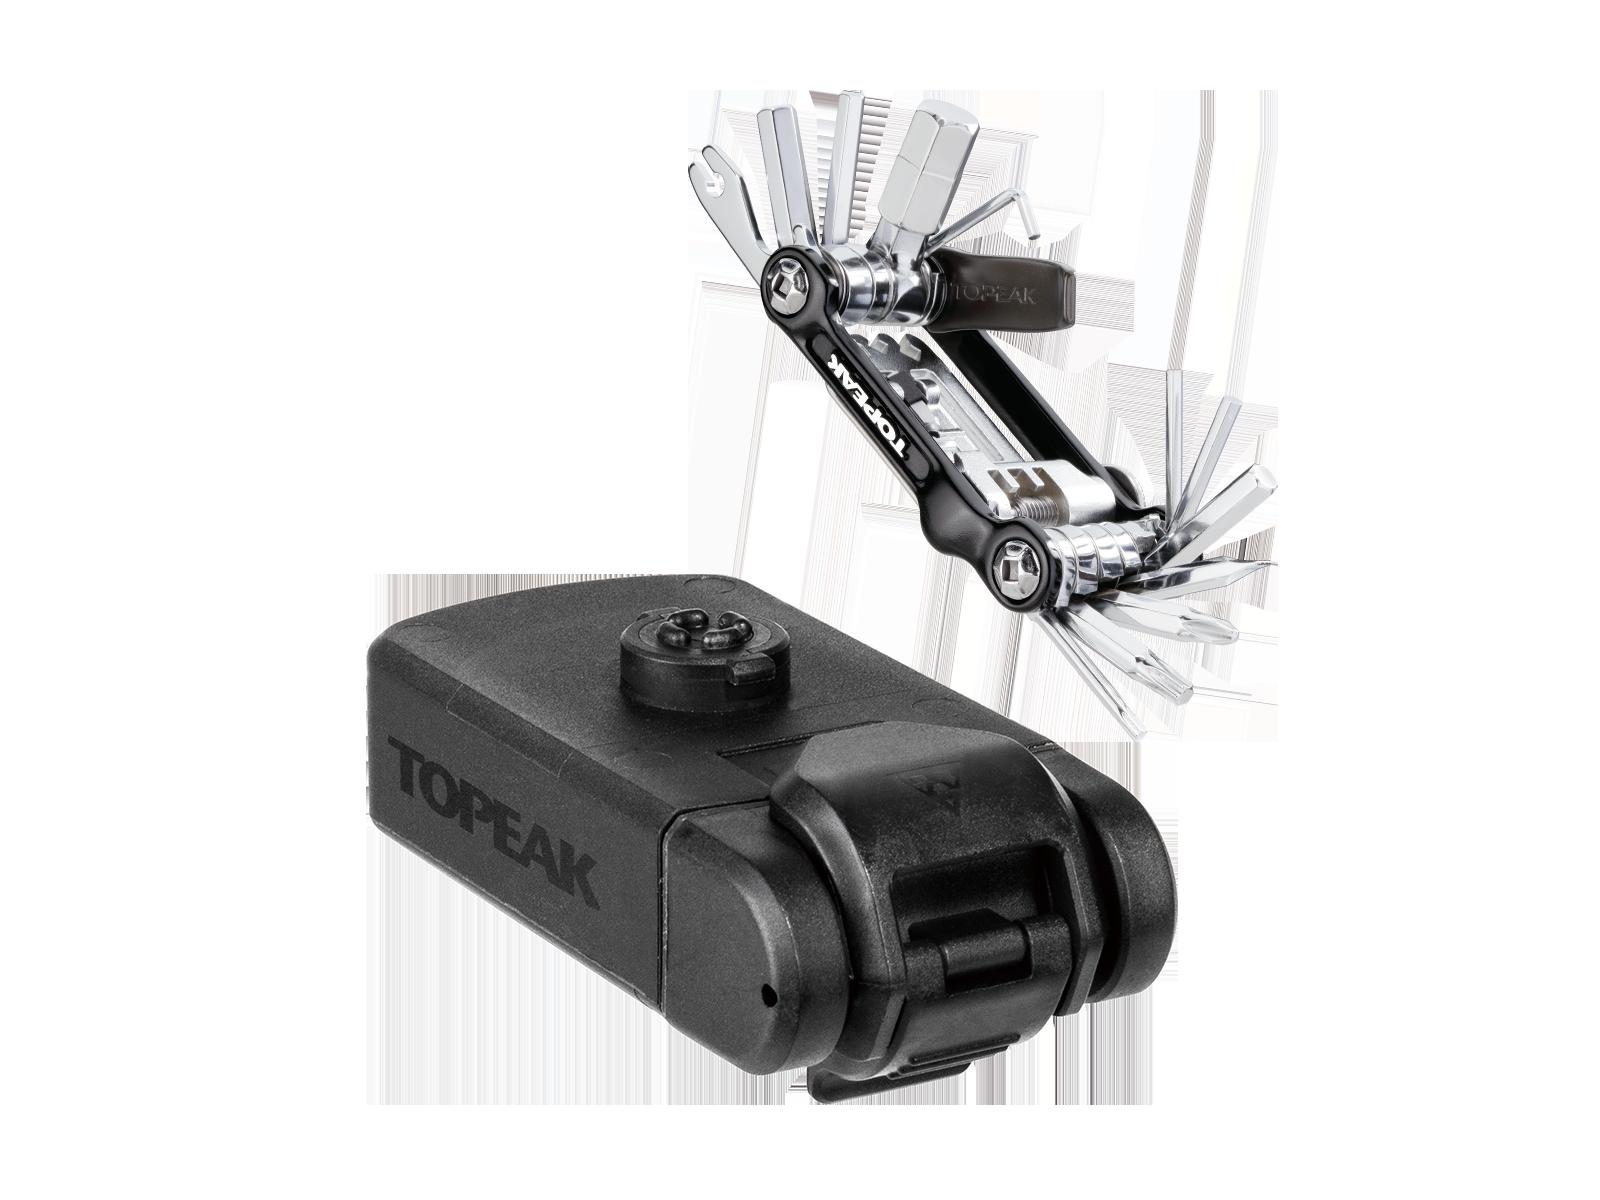 NINJA TOOLBOX T20 | Topeak